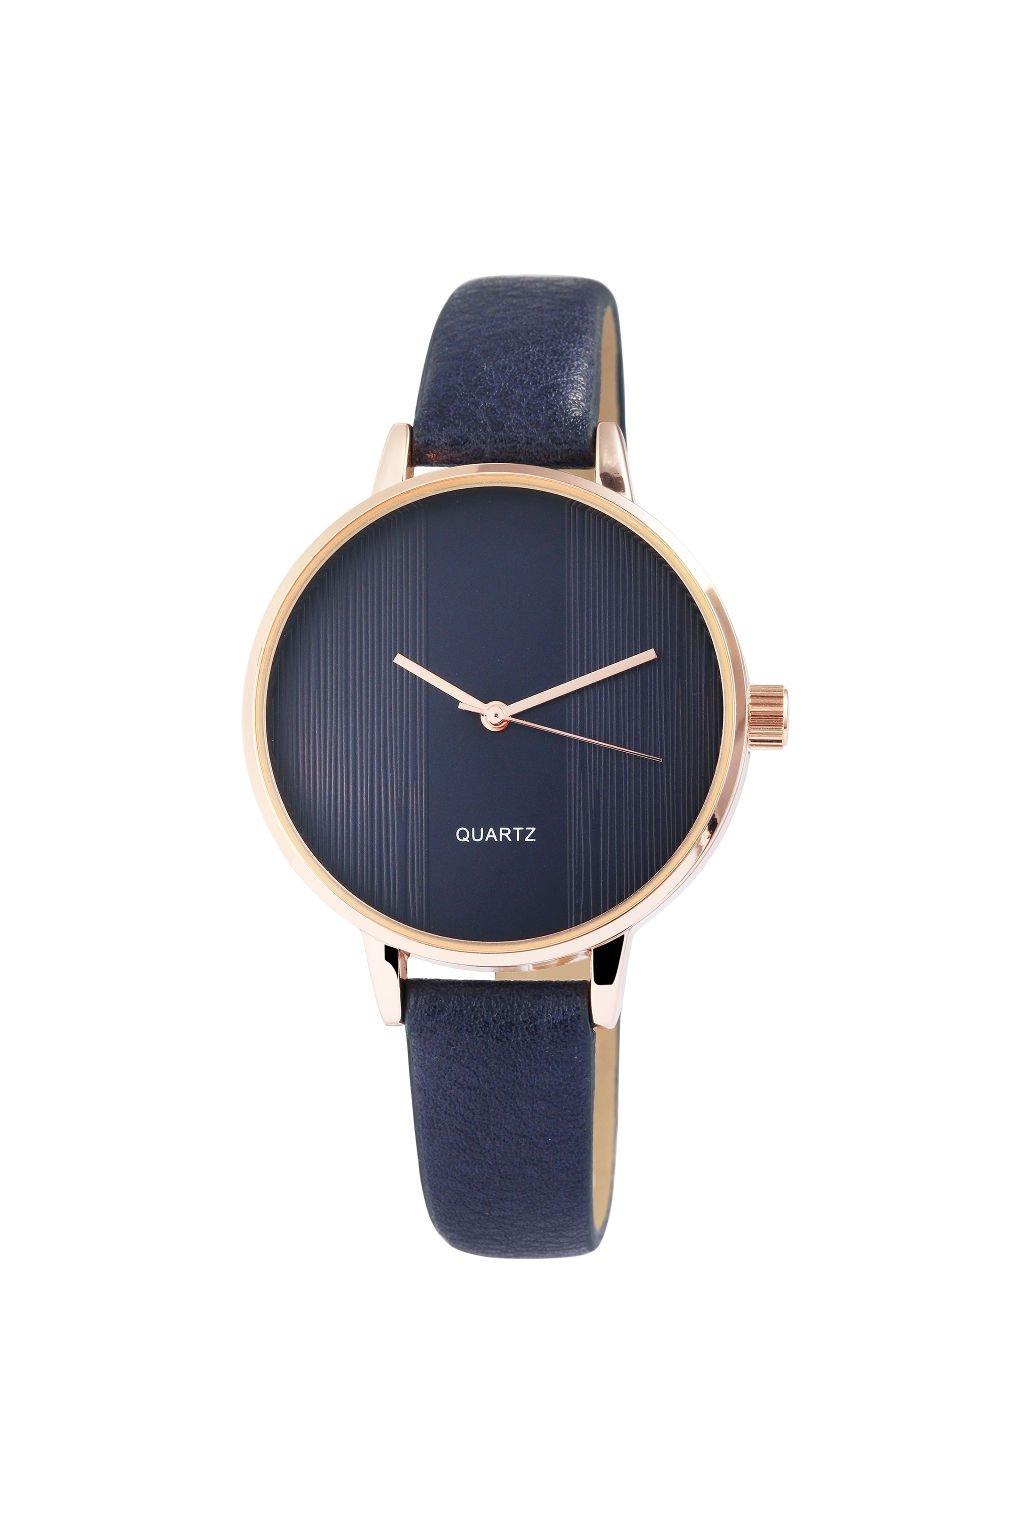 82887bc54a0 Dámské hodinky - Kabelkovice